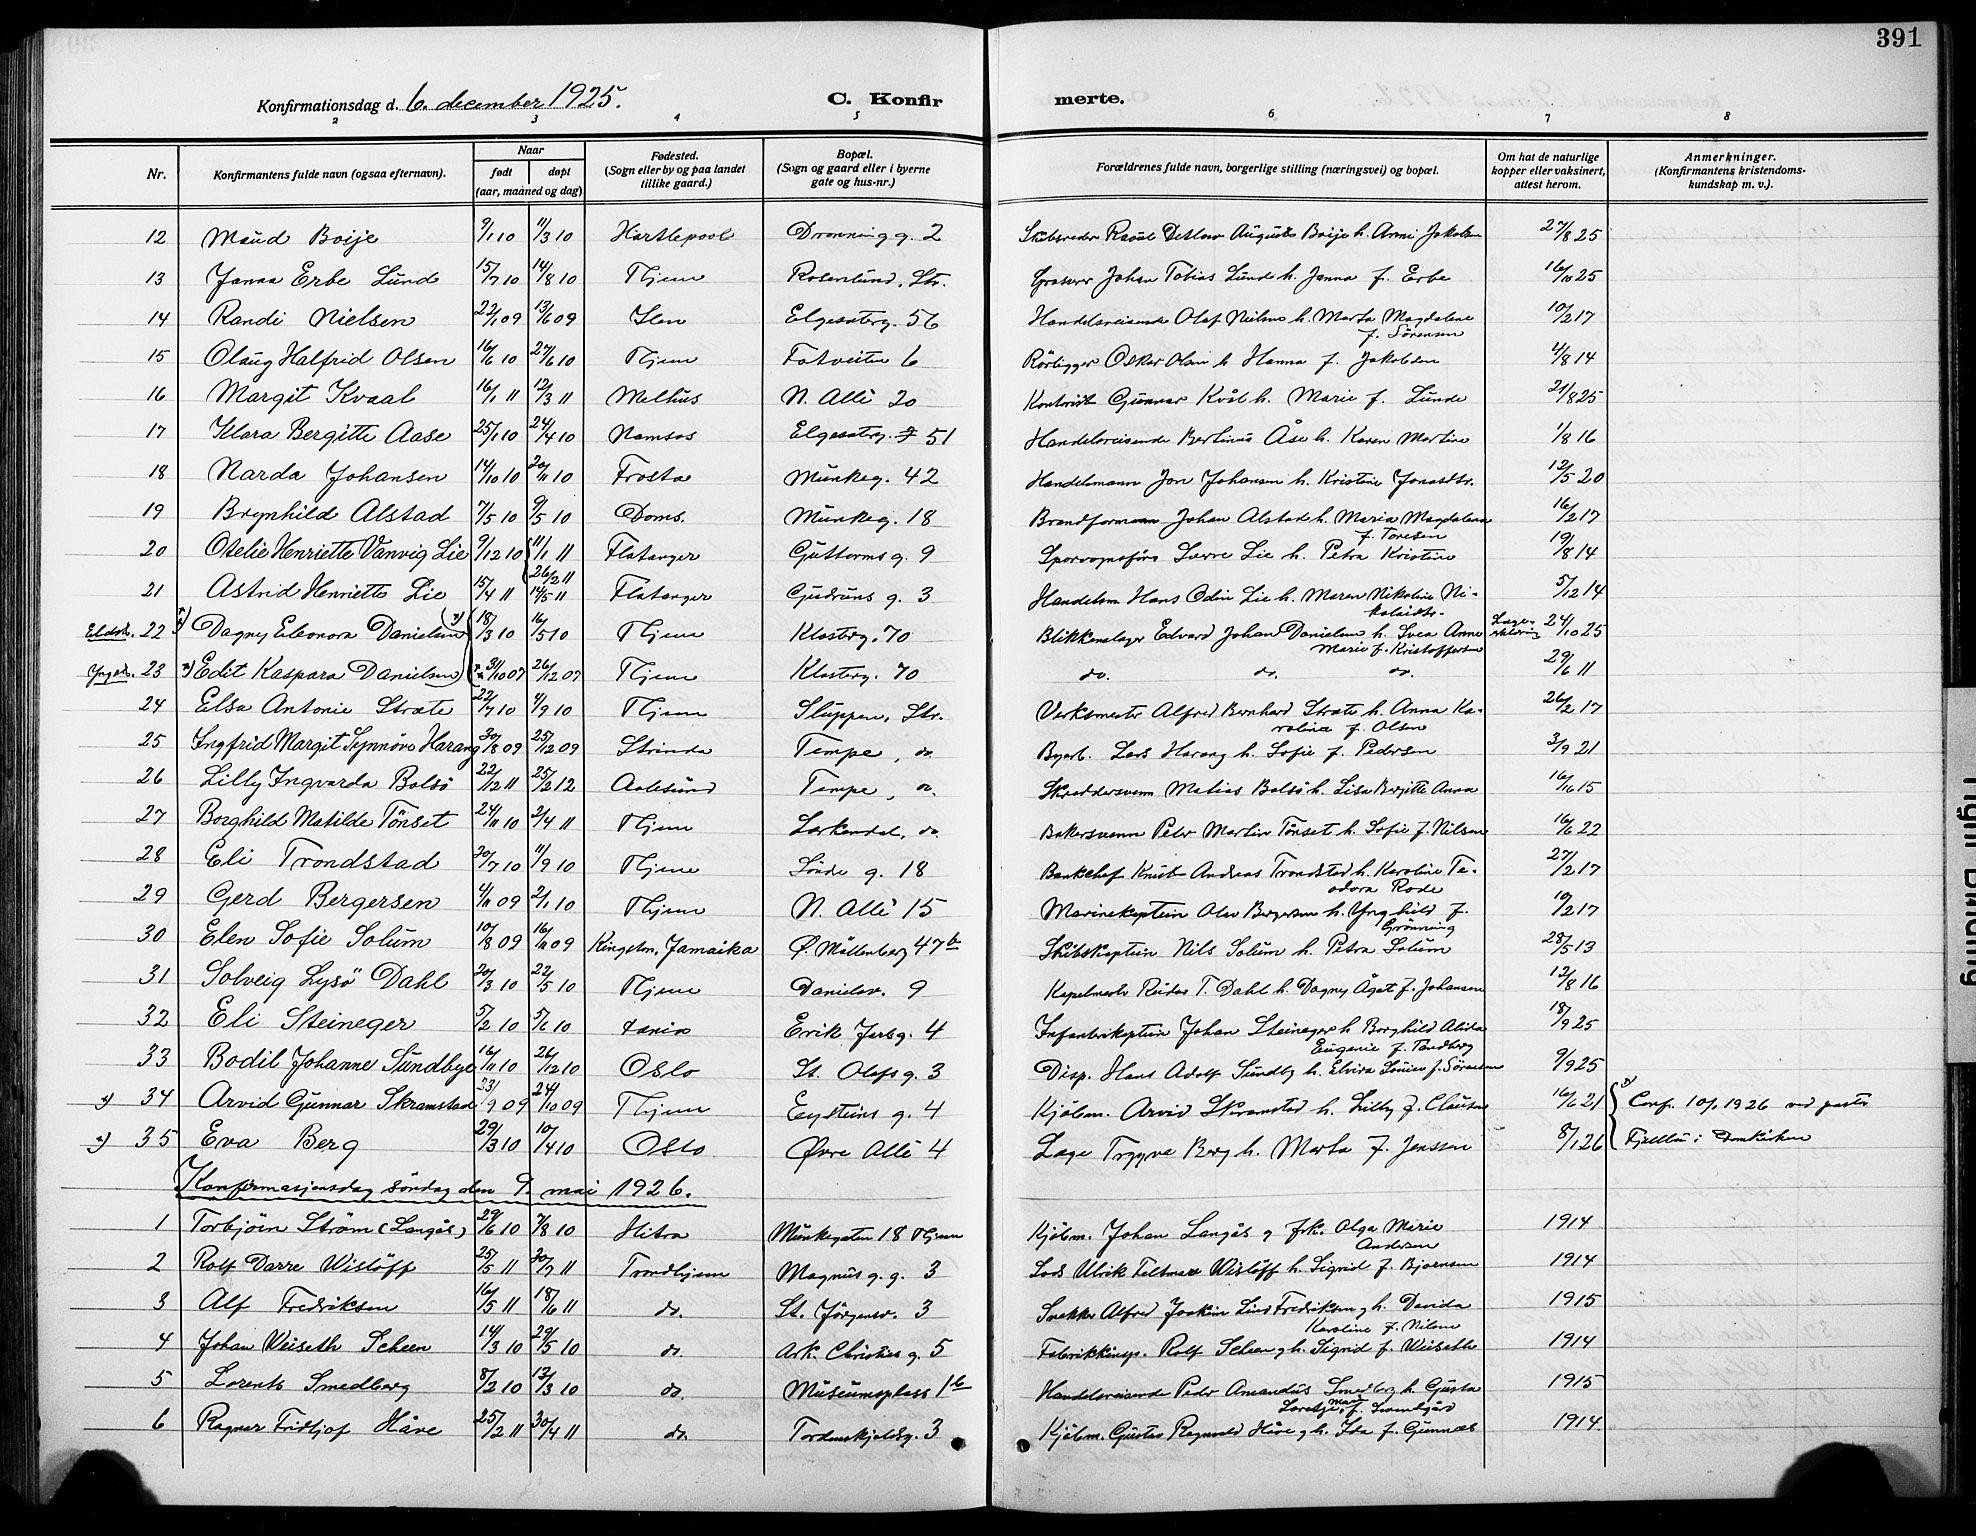 SAT, Ministerialprotokoller, klokkerbøker og fødselsregistre - Sør-Trøndelag, 601/L0096: Klokkerbok nr. 601C14, 1911-1931, s. 391